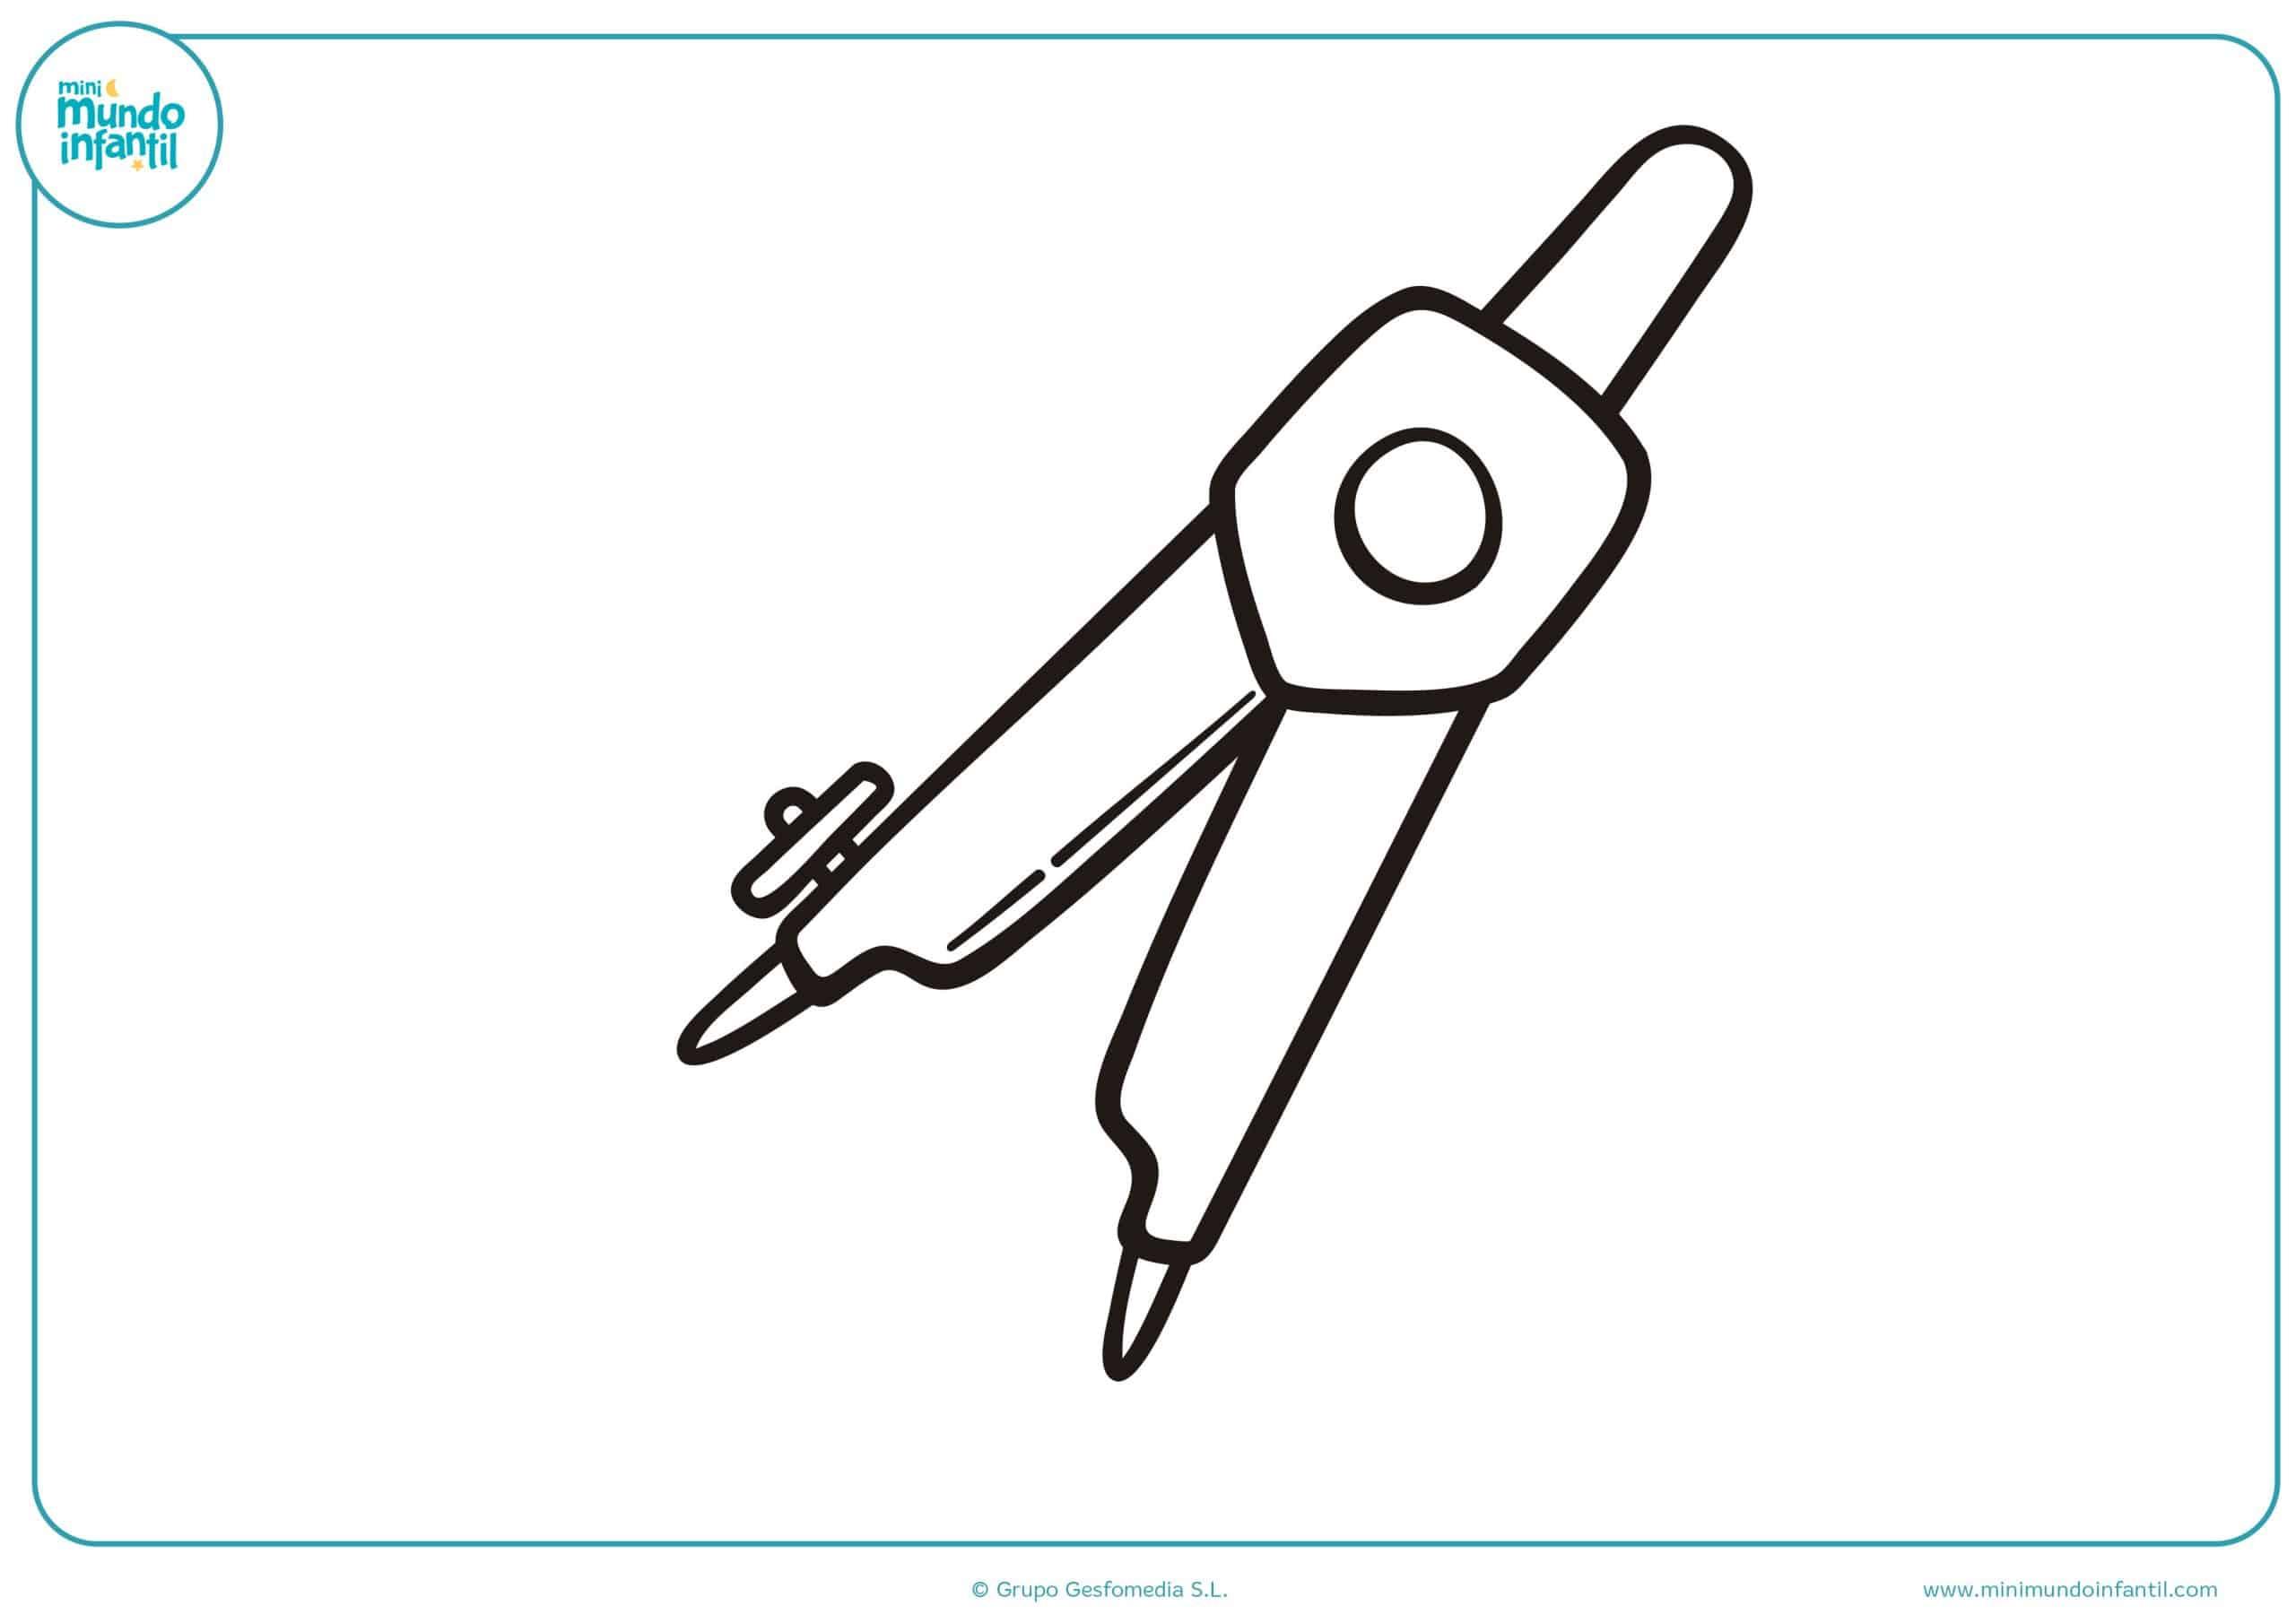 Dibujos Sobre La Escuela Para Colorear E Imprimir: Dibujos De Material Escolar Para Colorear